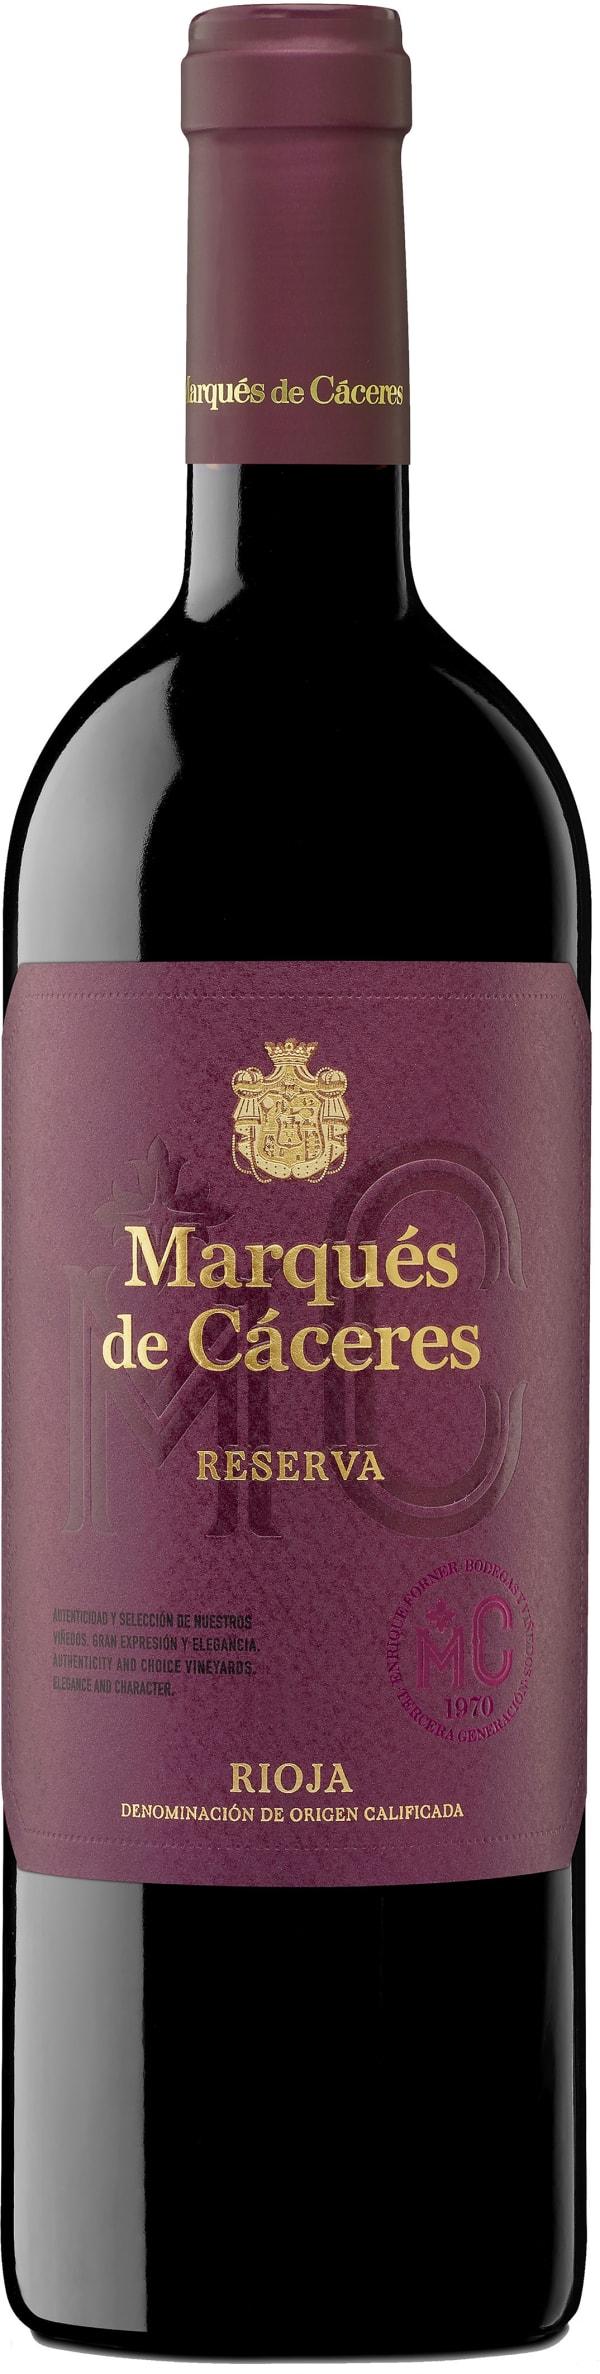 Marqués de Cáceres Reserva 2011